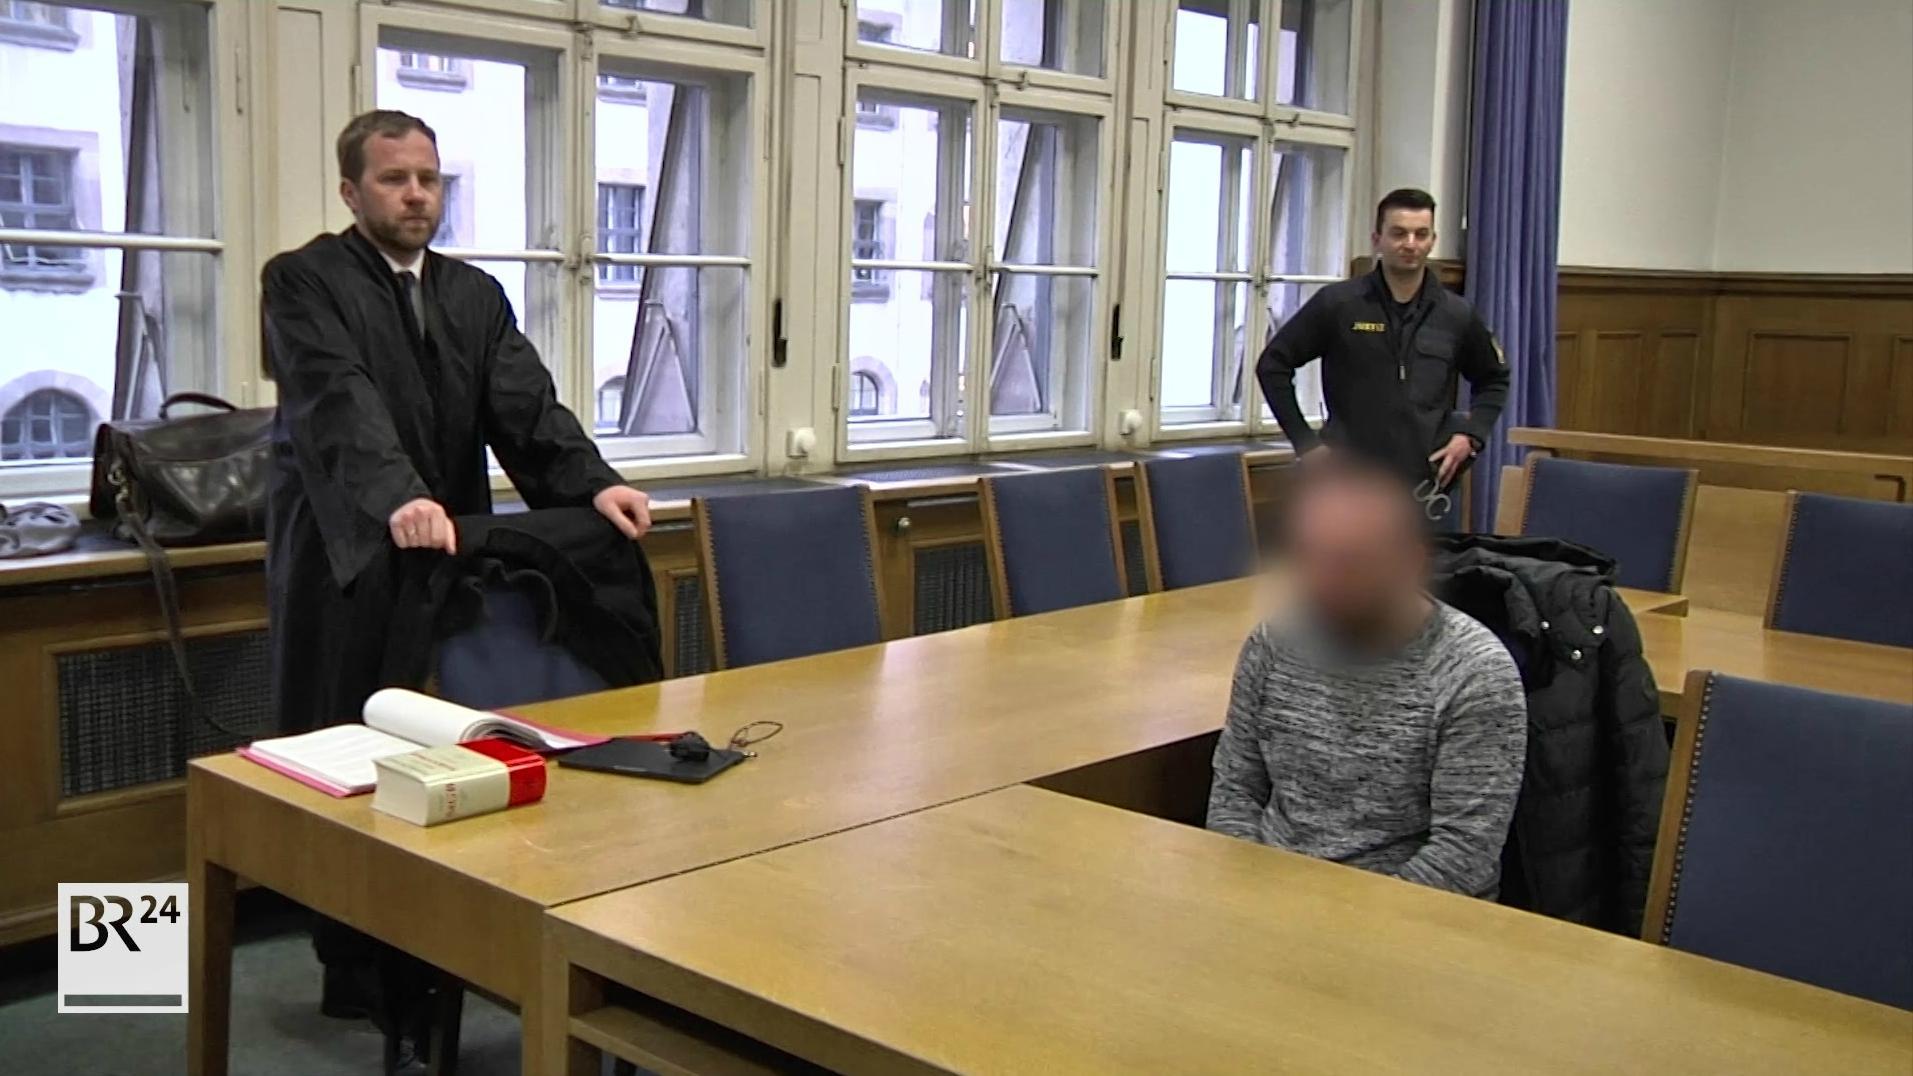 Angeklagter mit seinem Anwalt im Gerichtssaal